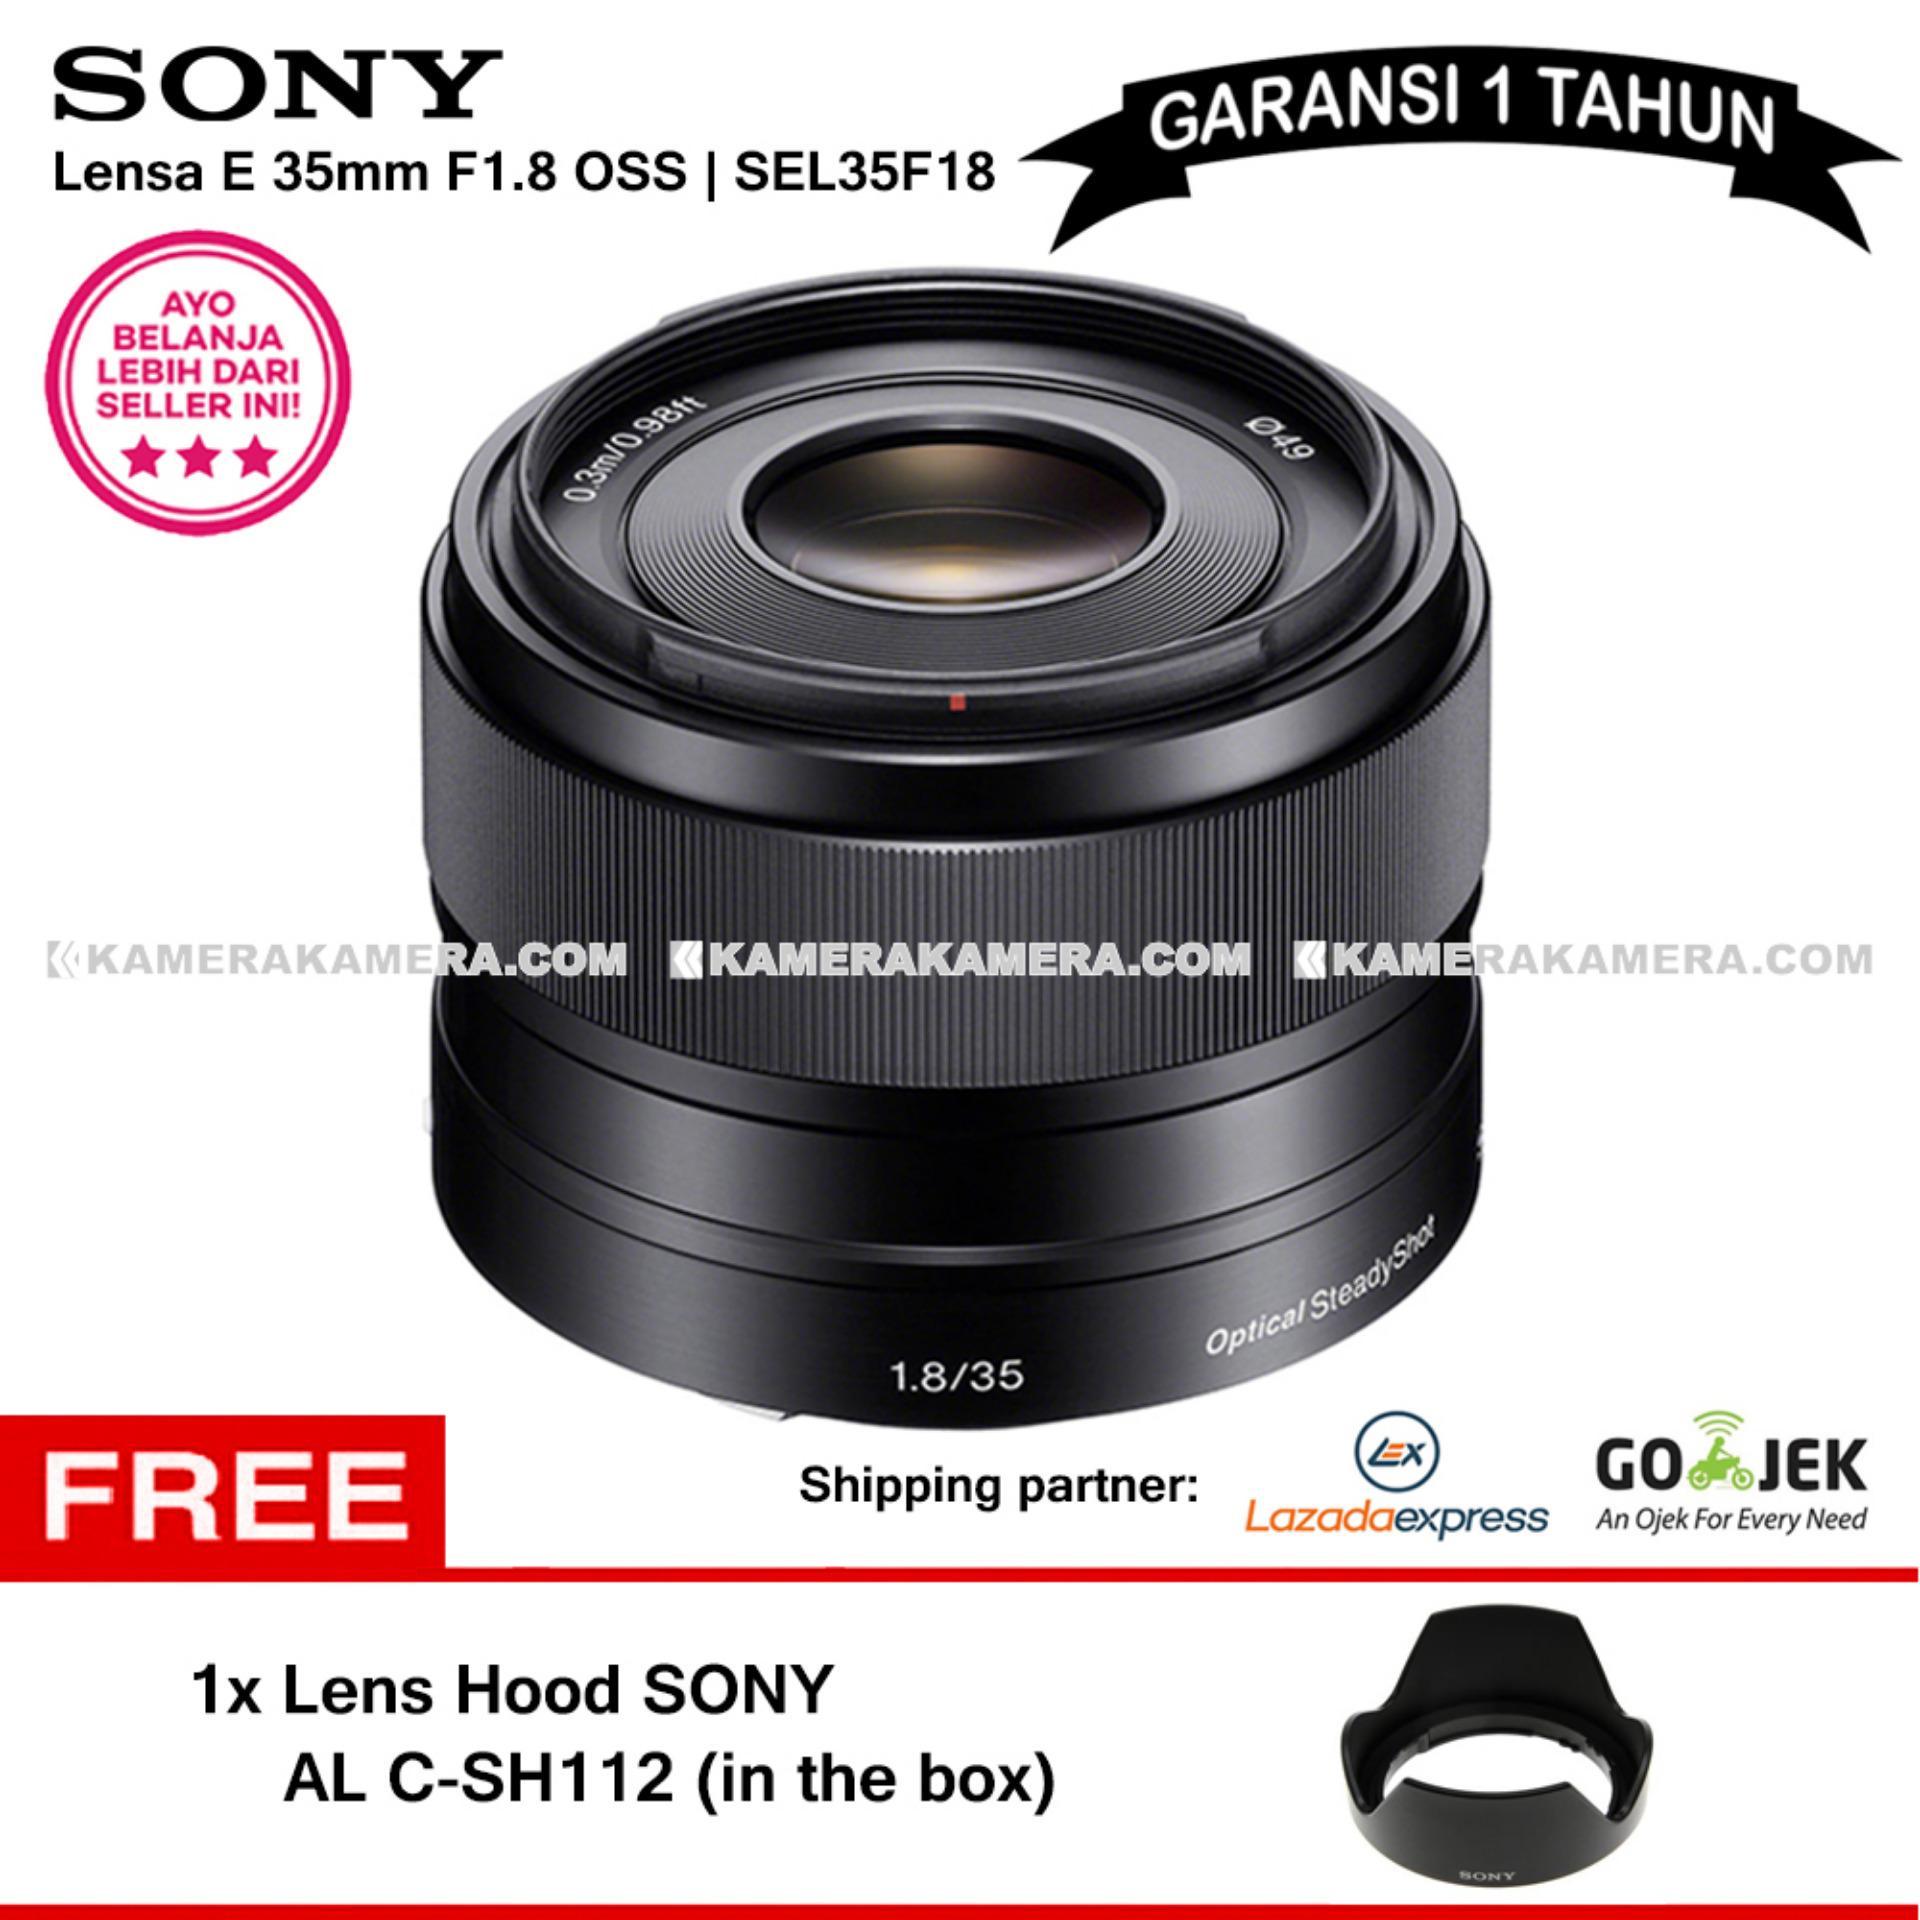 SONY E 35mm f/1.8 OSS Alpha E-mount Prime Lens SEL35F18 (Garansi 1th) + Sony Lens Hood Original